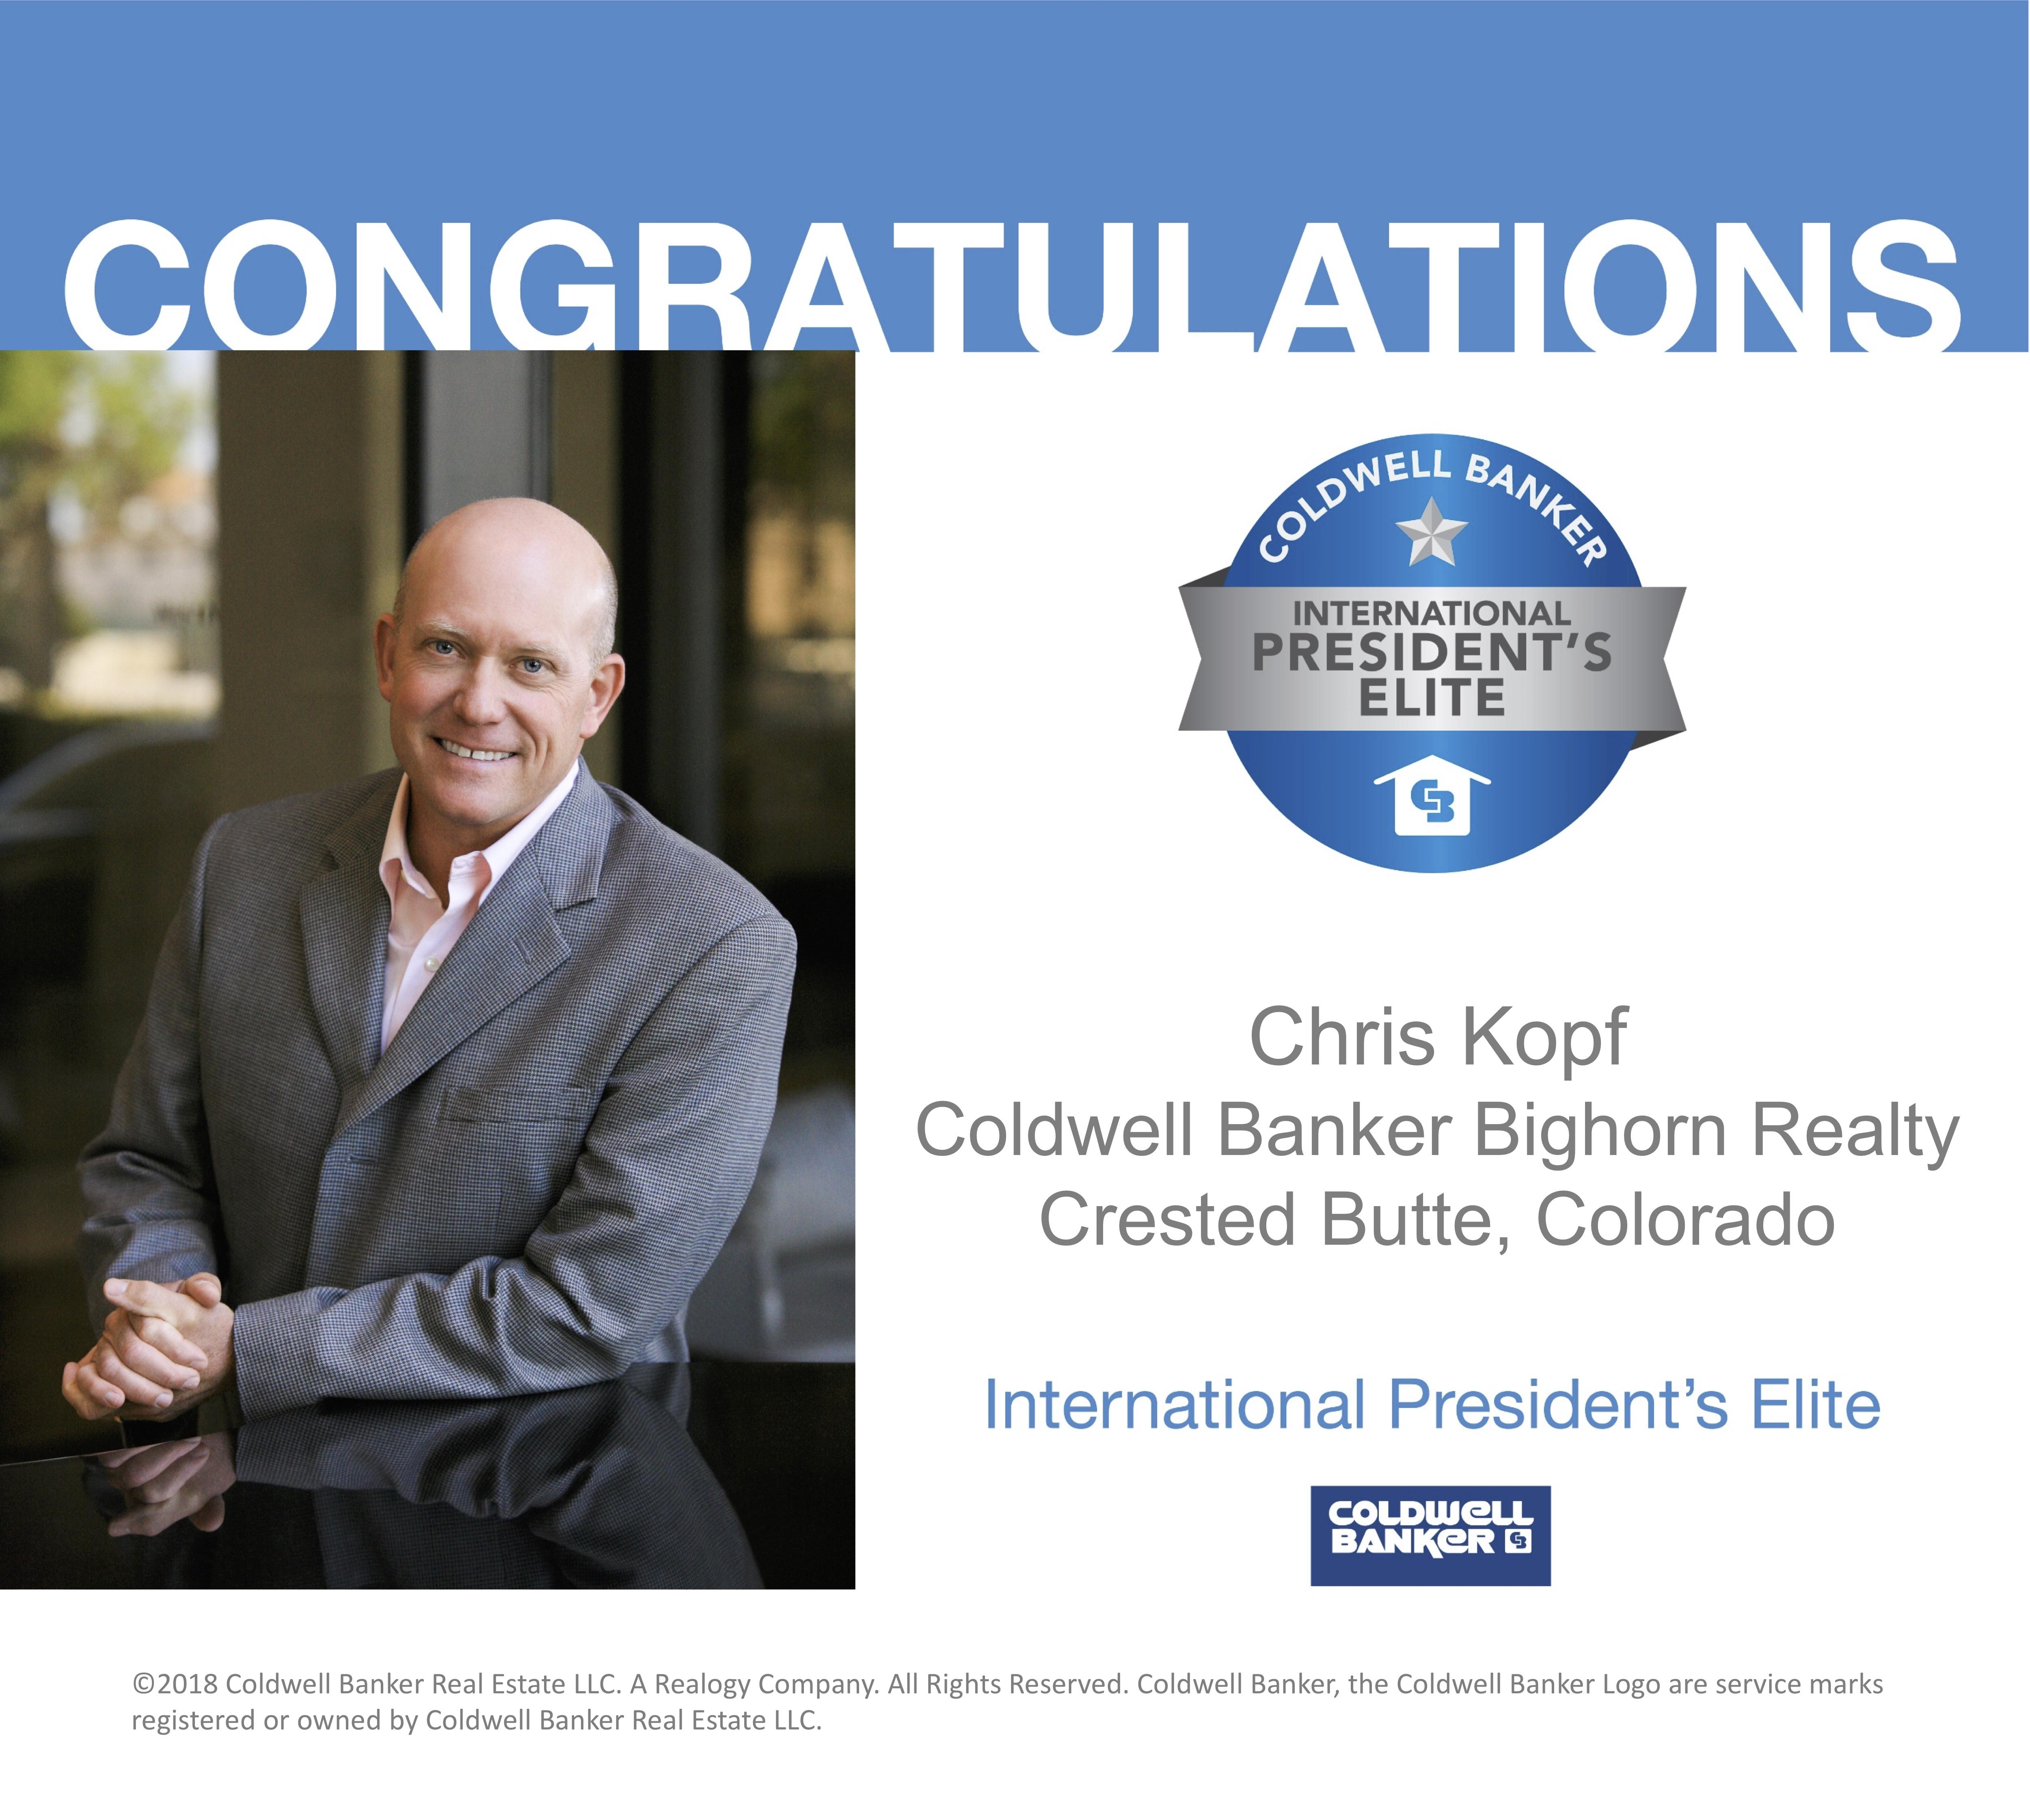 Coldwell Banker Awards Chris Kopf International President's Elite Award Again